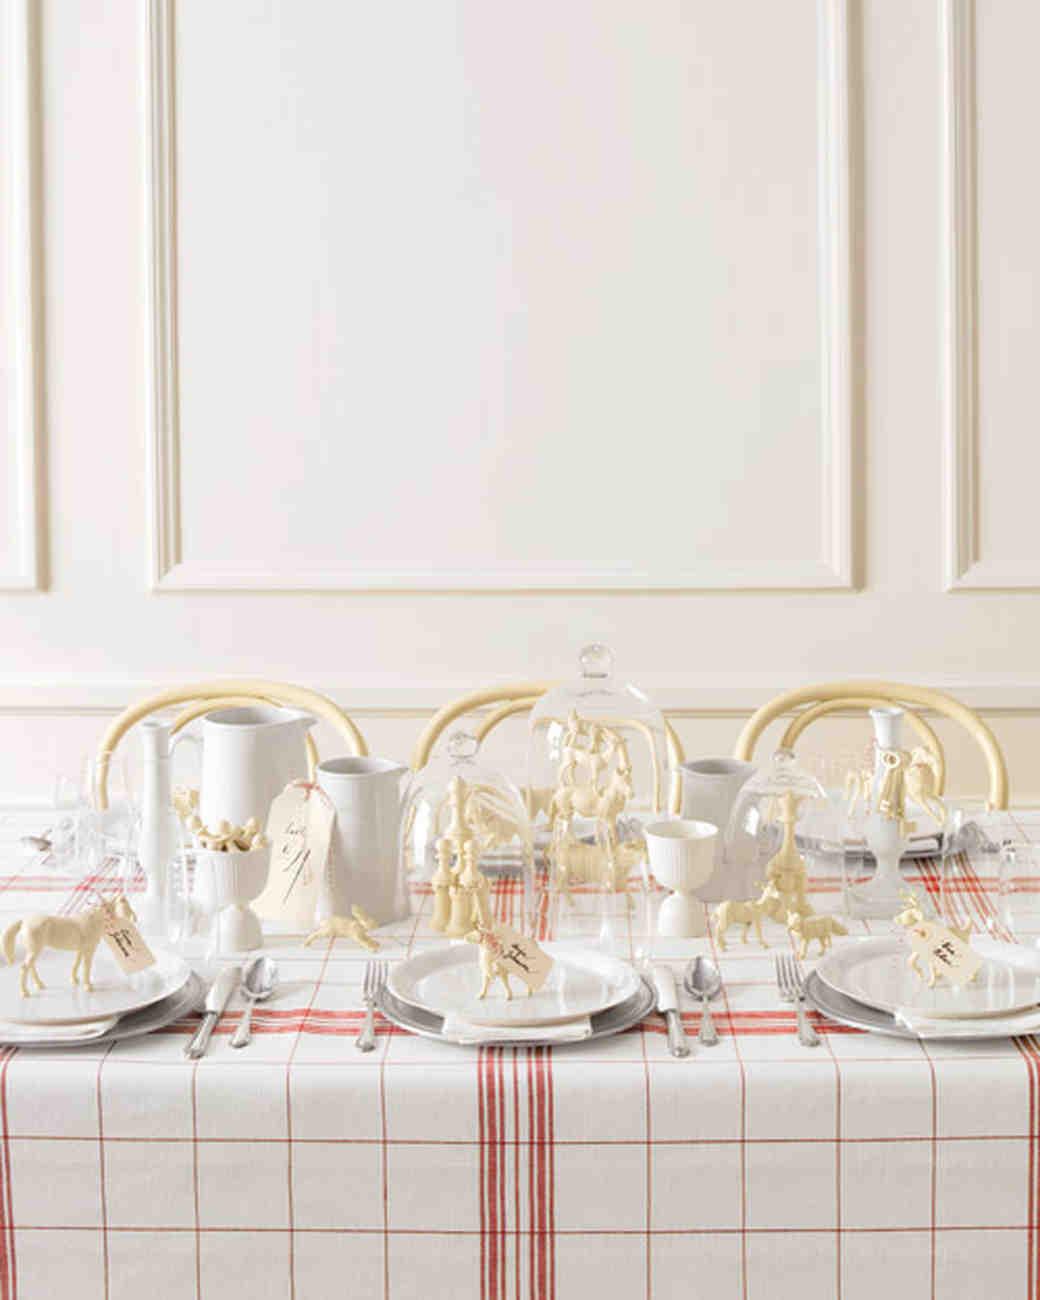 Swedish-Chic Wedding Table Setting & Stylish DIY Wedding Table Settings | Martha Stewart Weddings